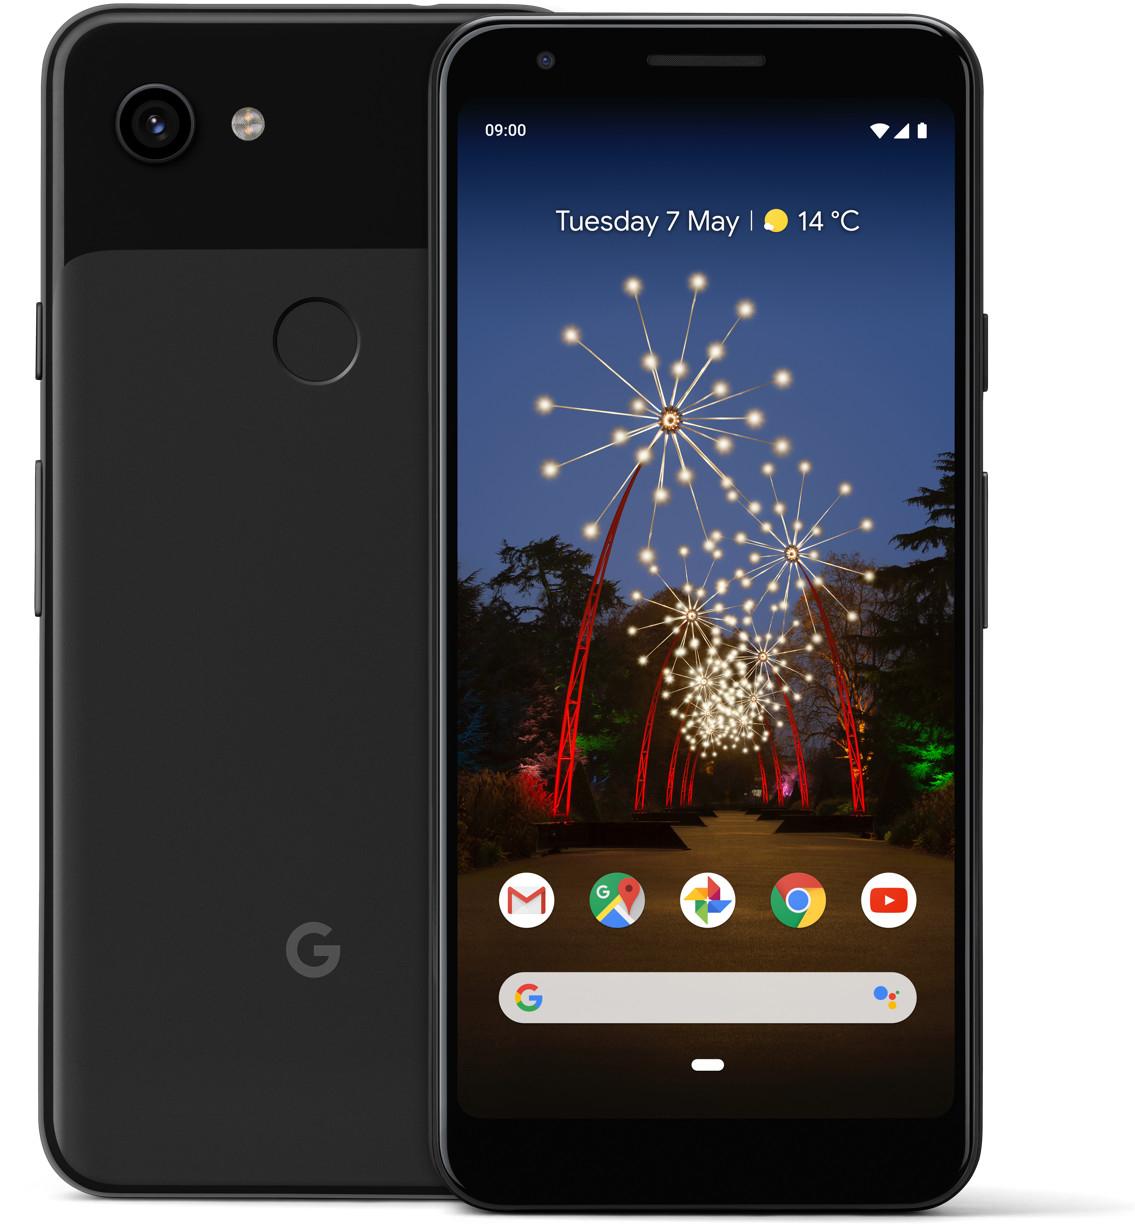 Google Pixel 3a XL (64GB) für 29,99€ Zuzahlung mit 5GB LTE Klarmobil Tarif + Allnet- & SMS-Flat für 12,99€ / Monat [Vodafone-Netz]